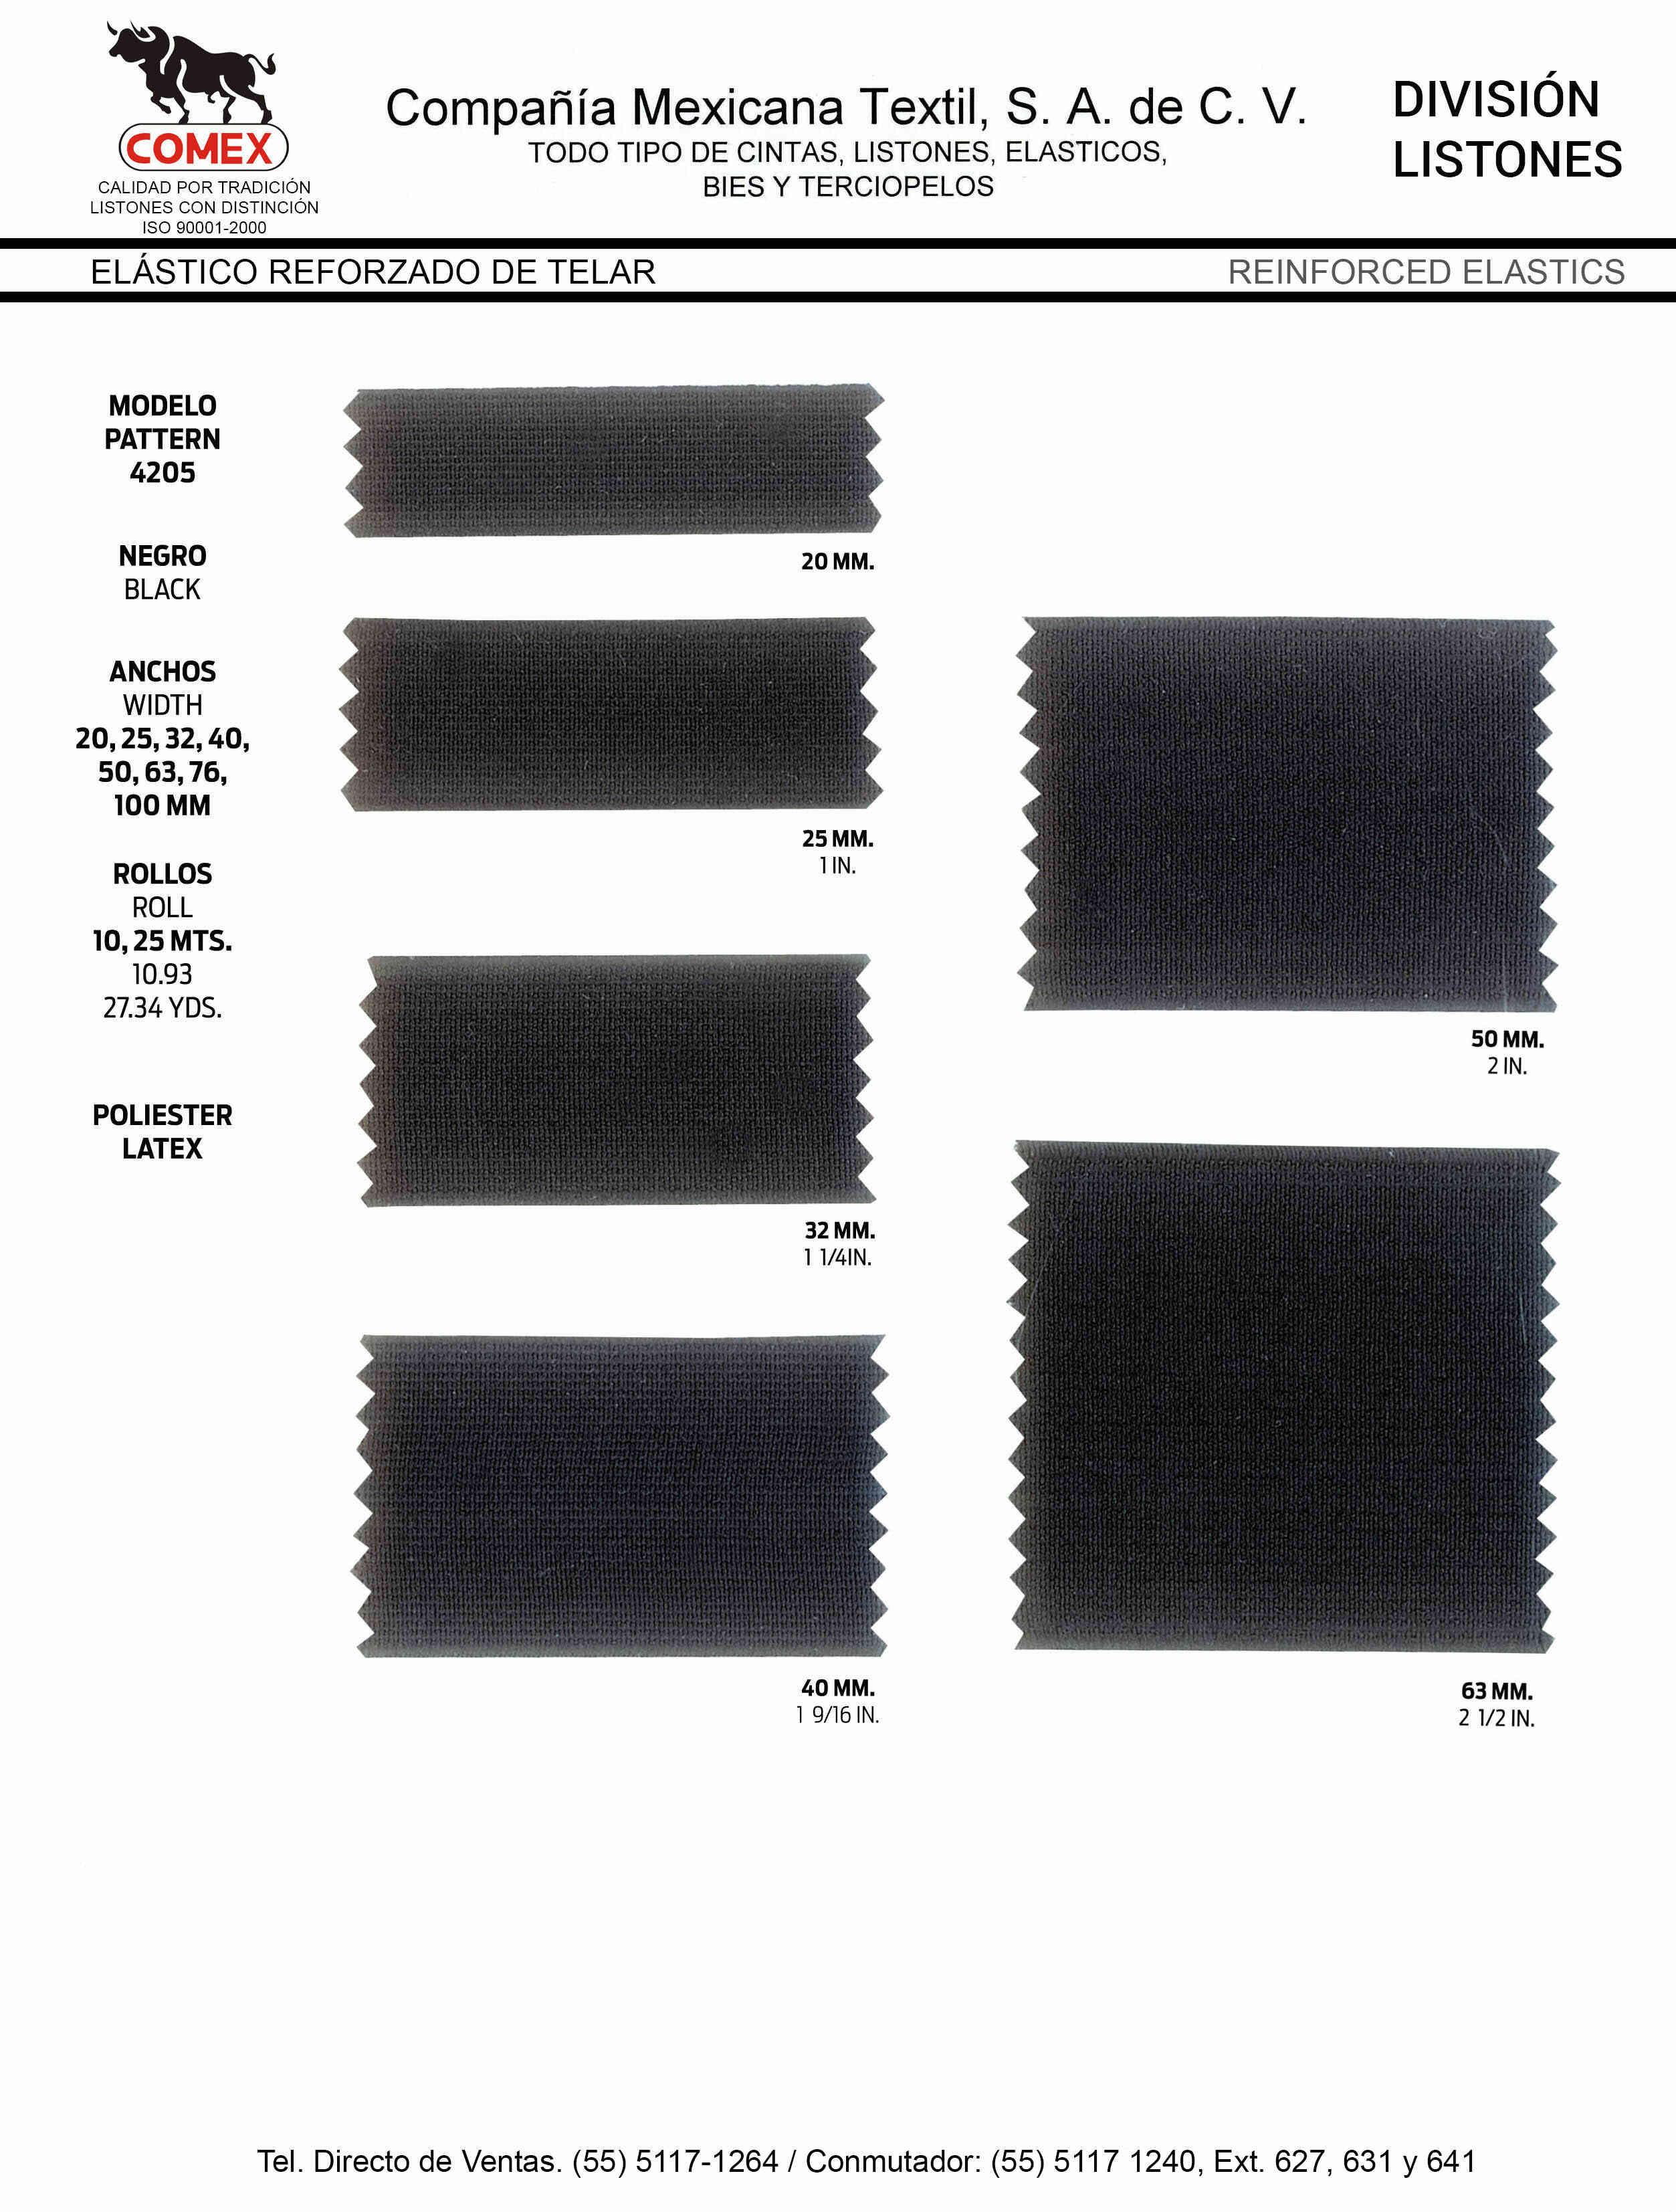 Anchos y Colores de Liston Mod.4205